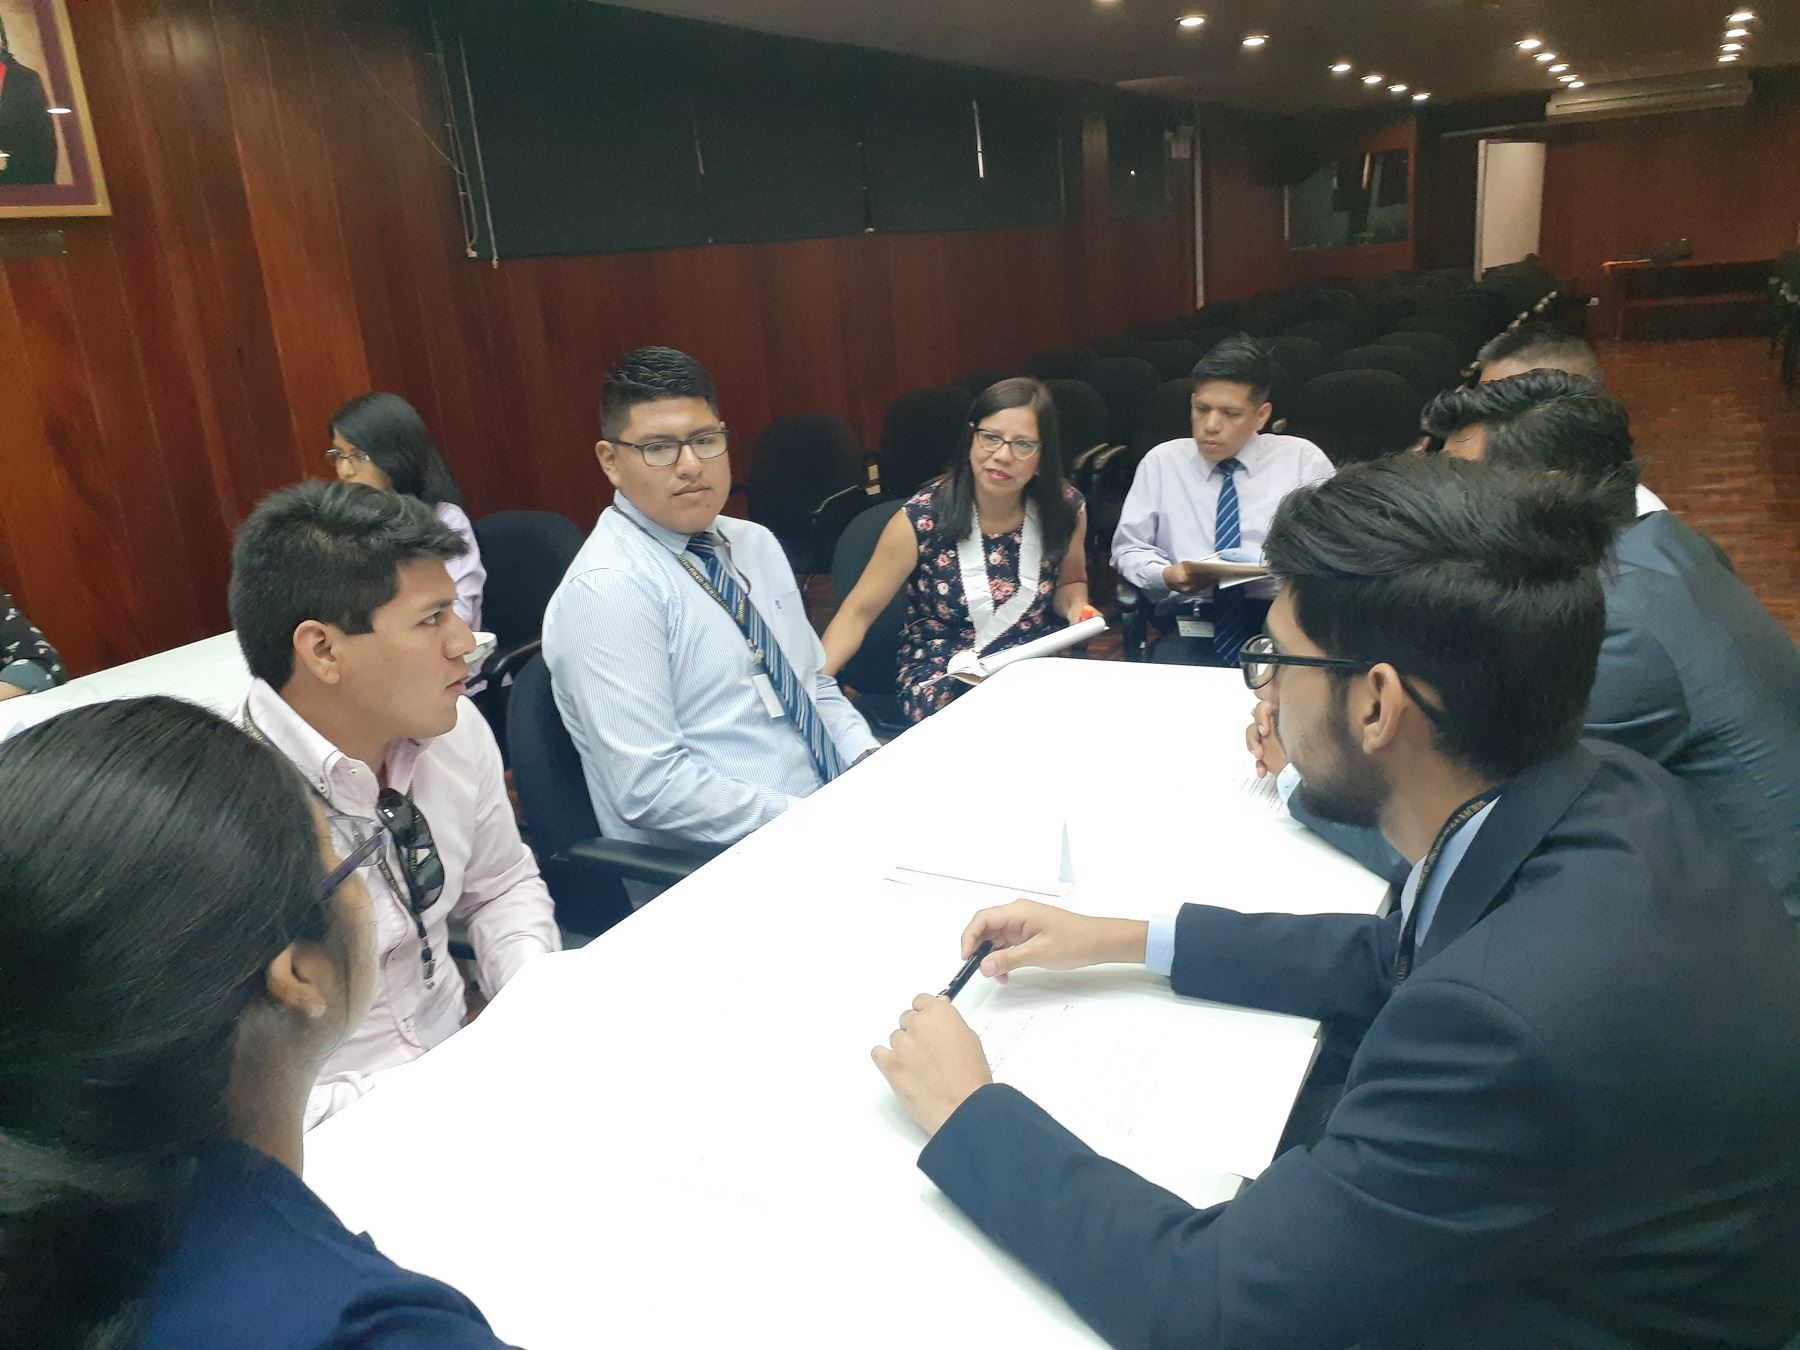 Programa de voluntariado universitario del Ministerio Público